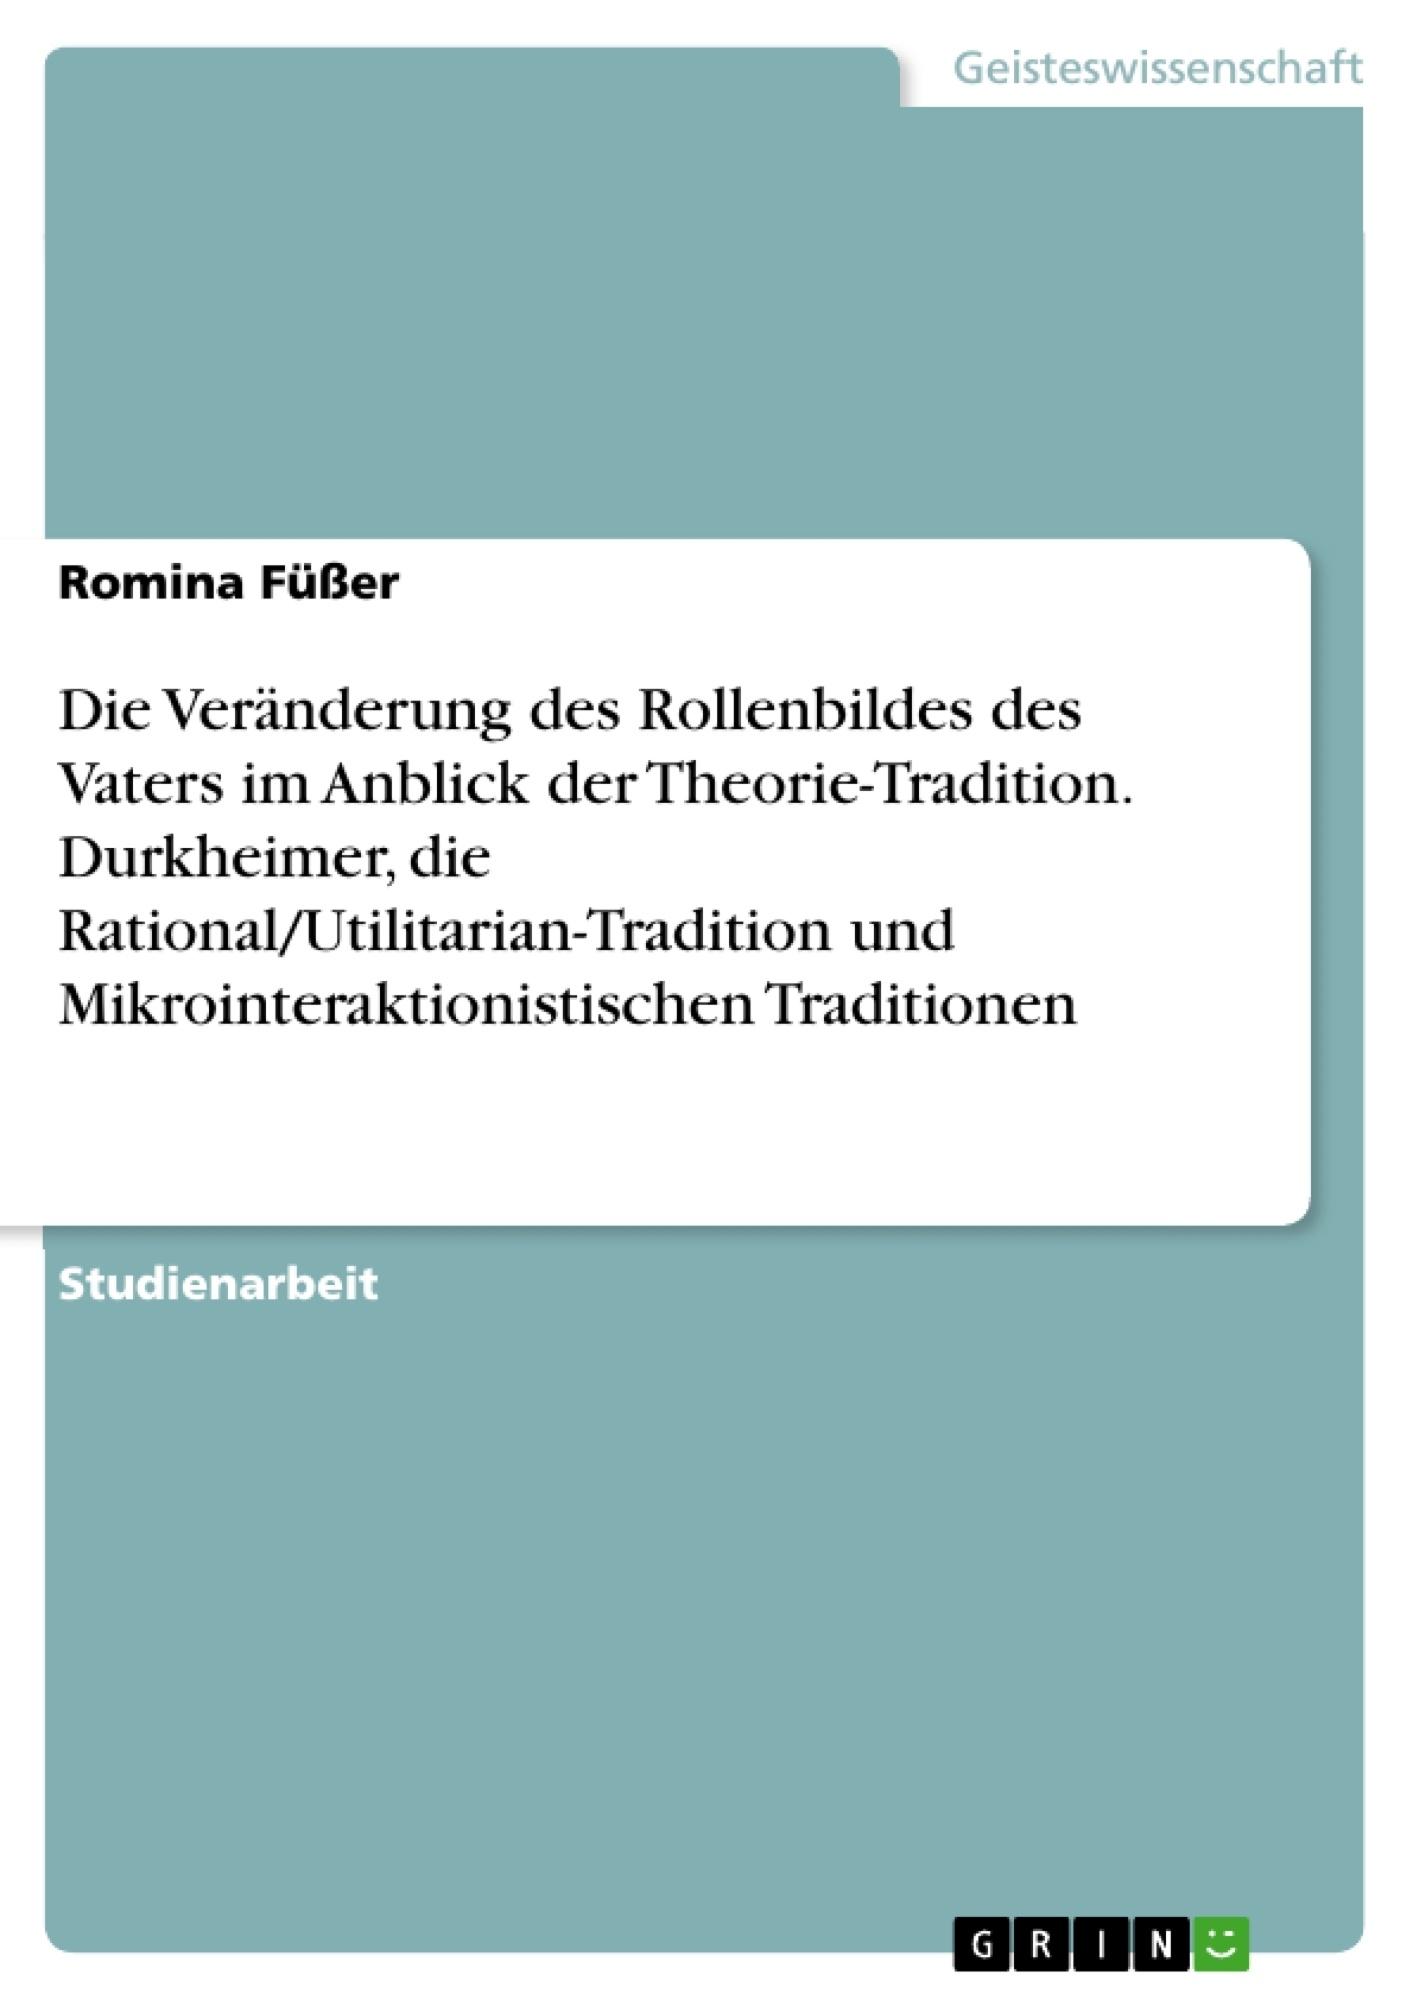 Titel: Die Veränderung des Rollenbildes des Vaters im Anblick der Theorie-Tradition. Durkheimer, die Rational/Utilitarian-Tradition und Mikrointeraktionistischen Traditionen